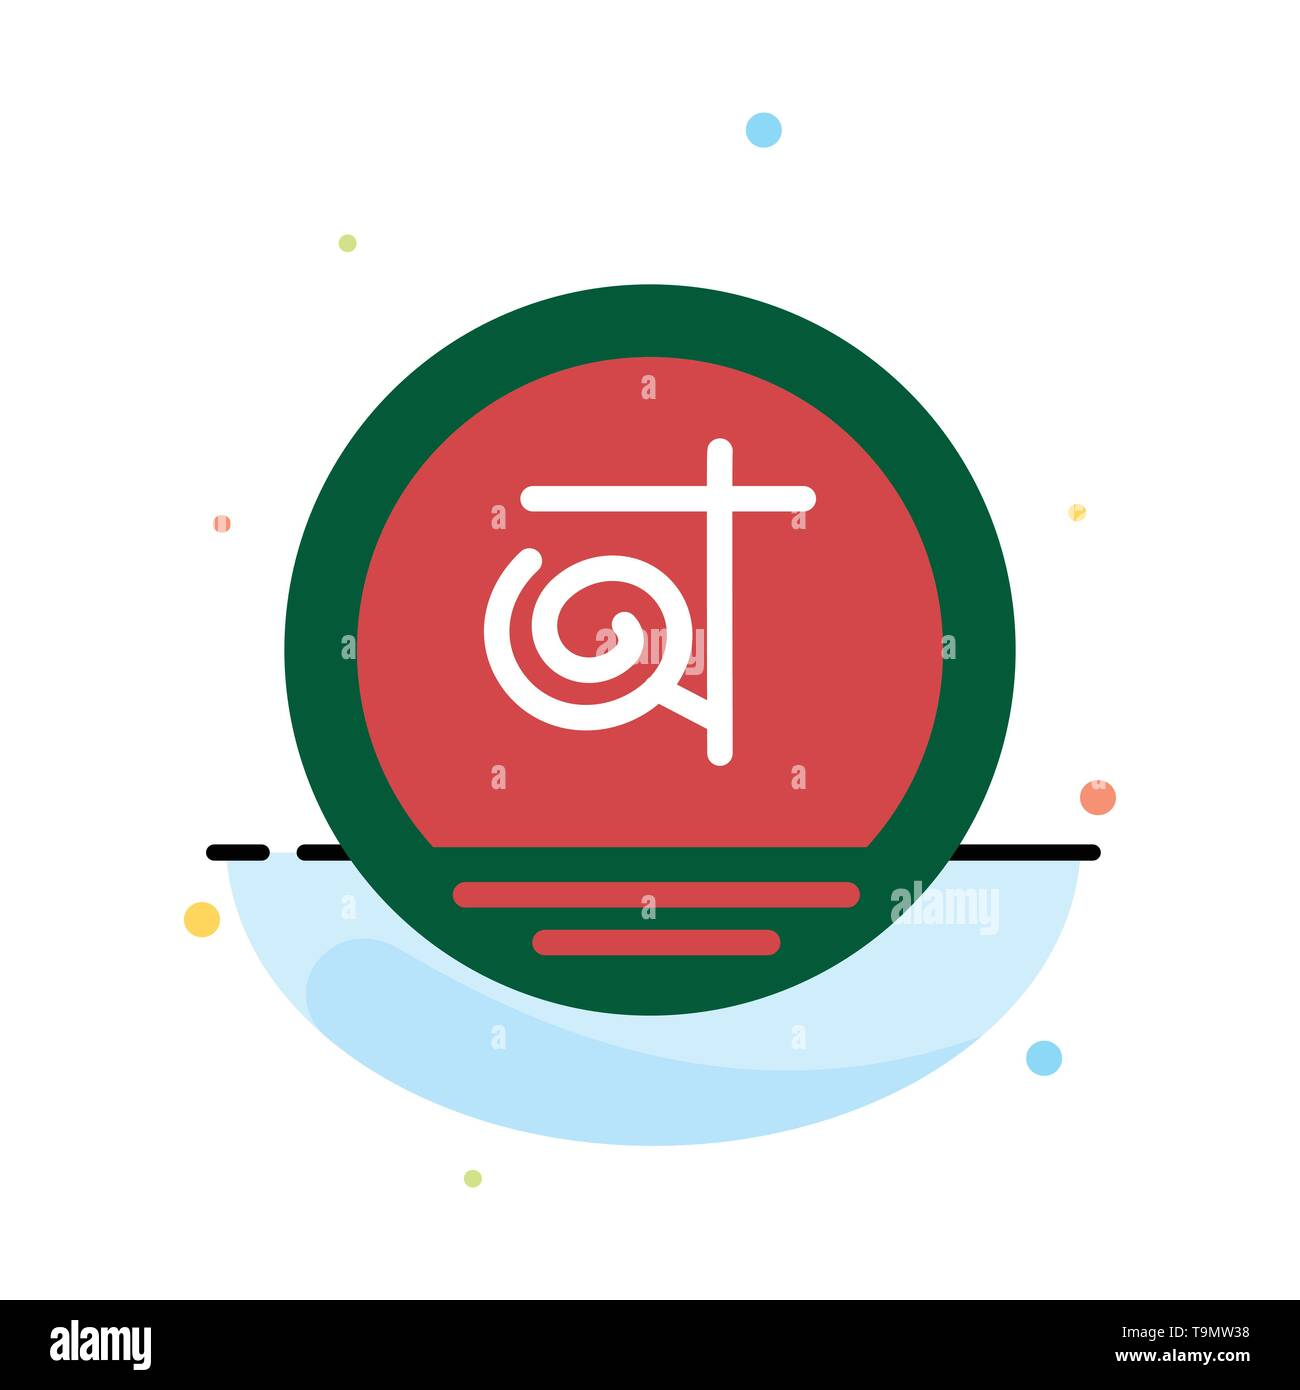 Bangla, Bangladesh, Bangladeshi, Business Abstract Flat Color Icon Template - Stock Image